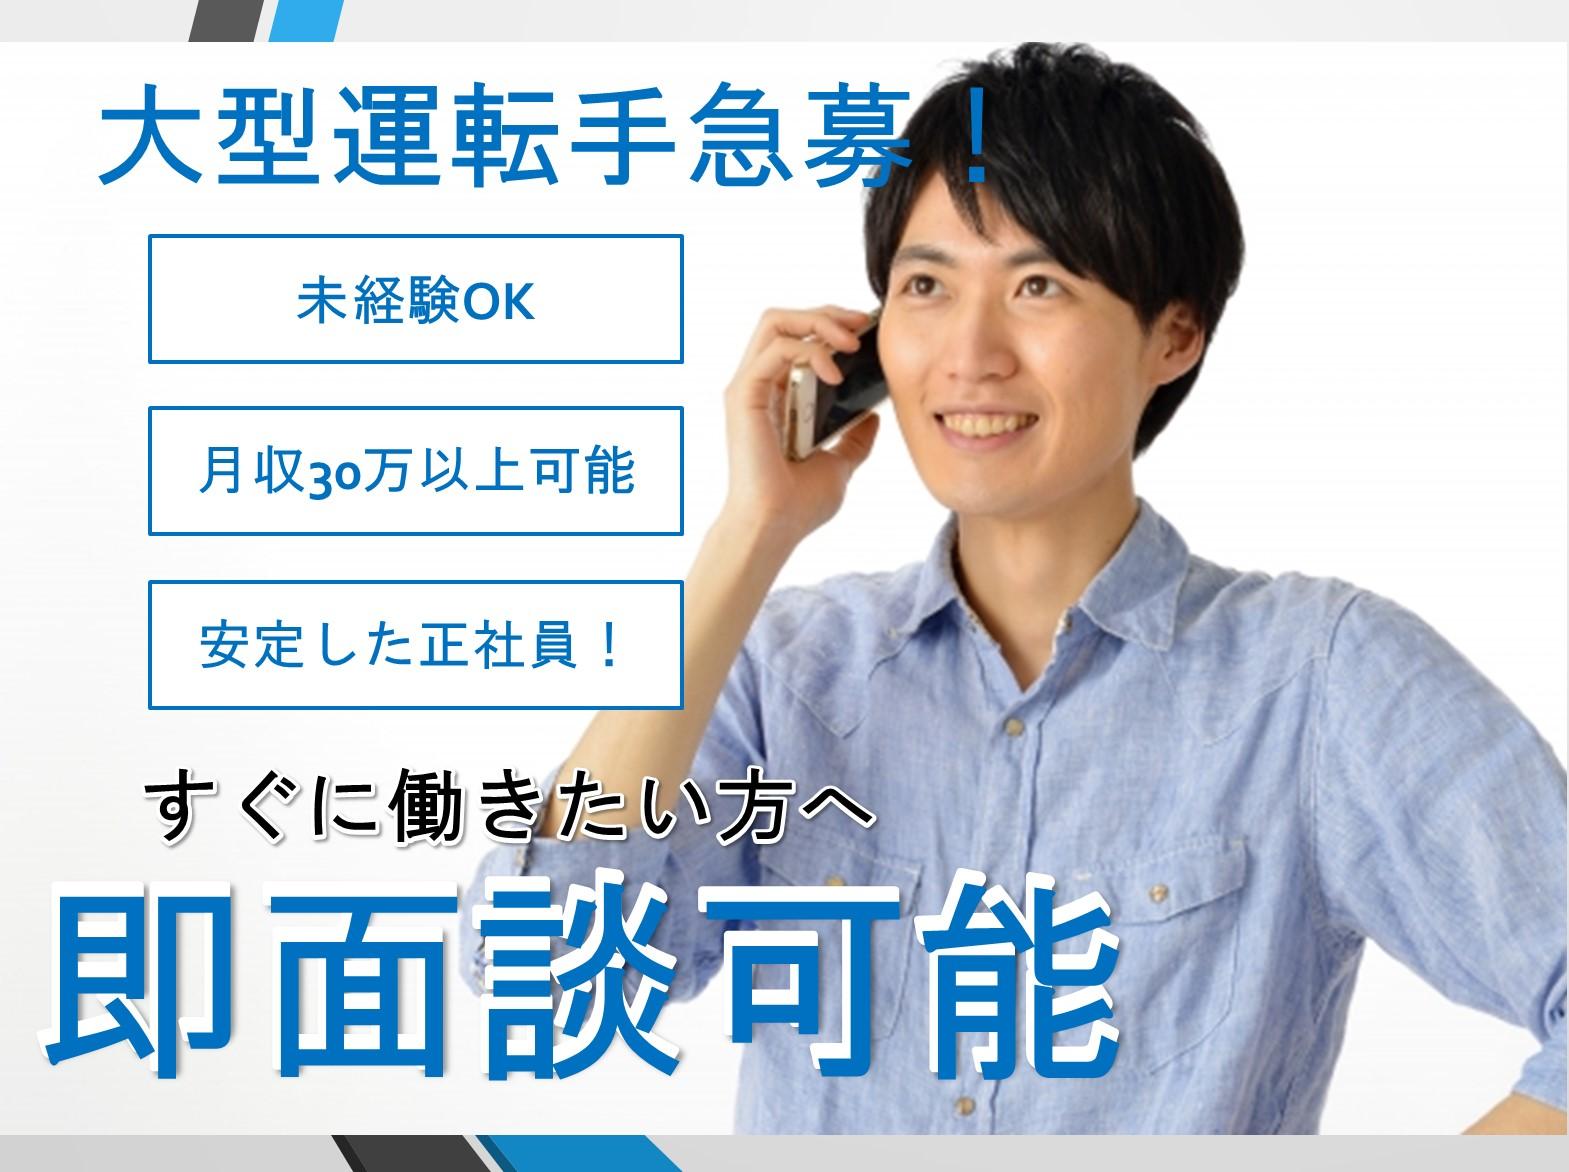 【正社員急募!】未経験でも丁寧に指導します!月給30万円!【大型運転手】 イメージ